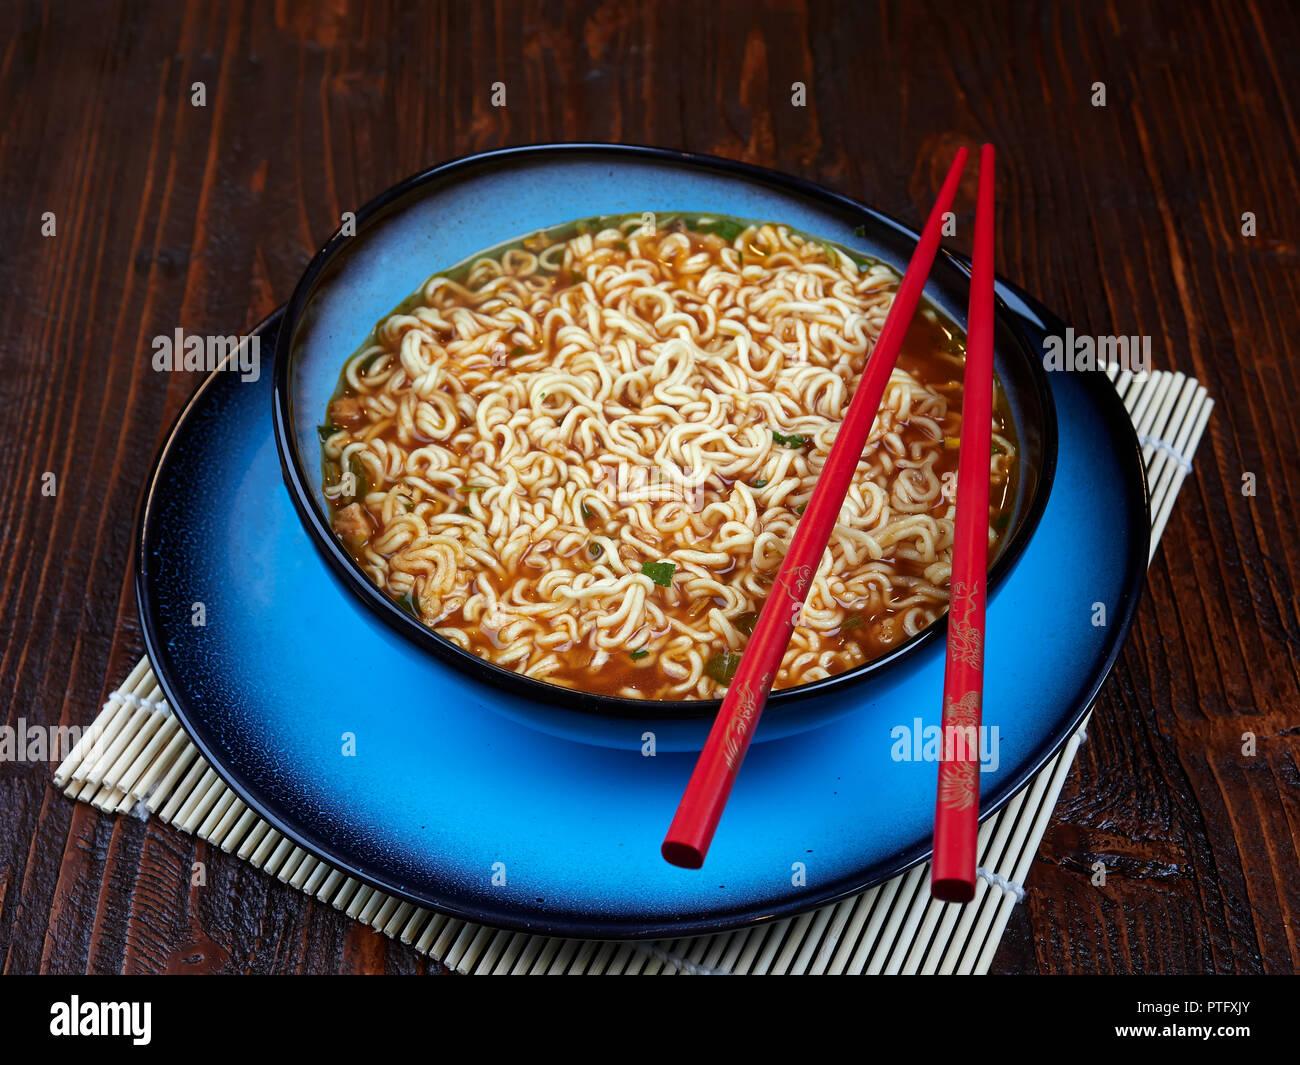 Ingrédients pour Shin Ramyun, un plat de nouilles coréen populaire avec une intense saveur épicée Photo Stock